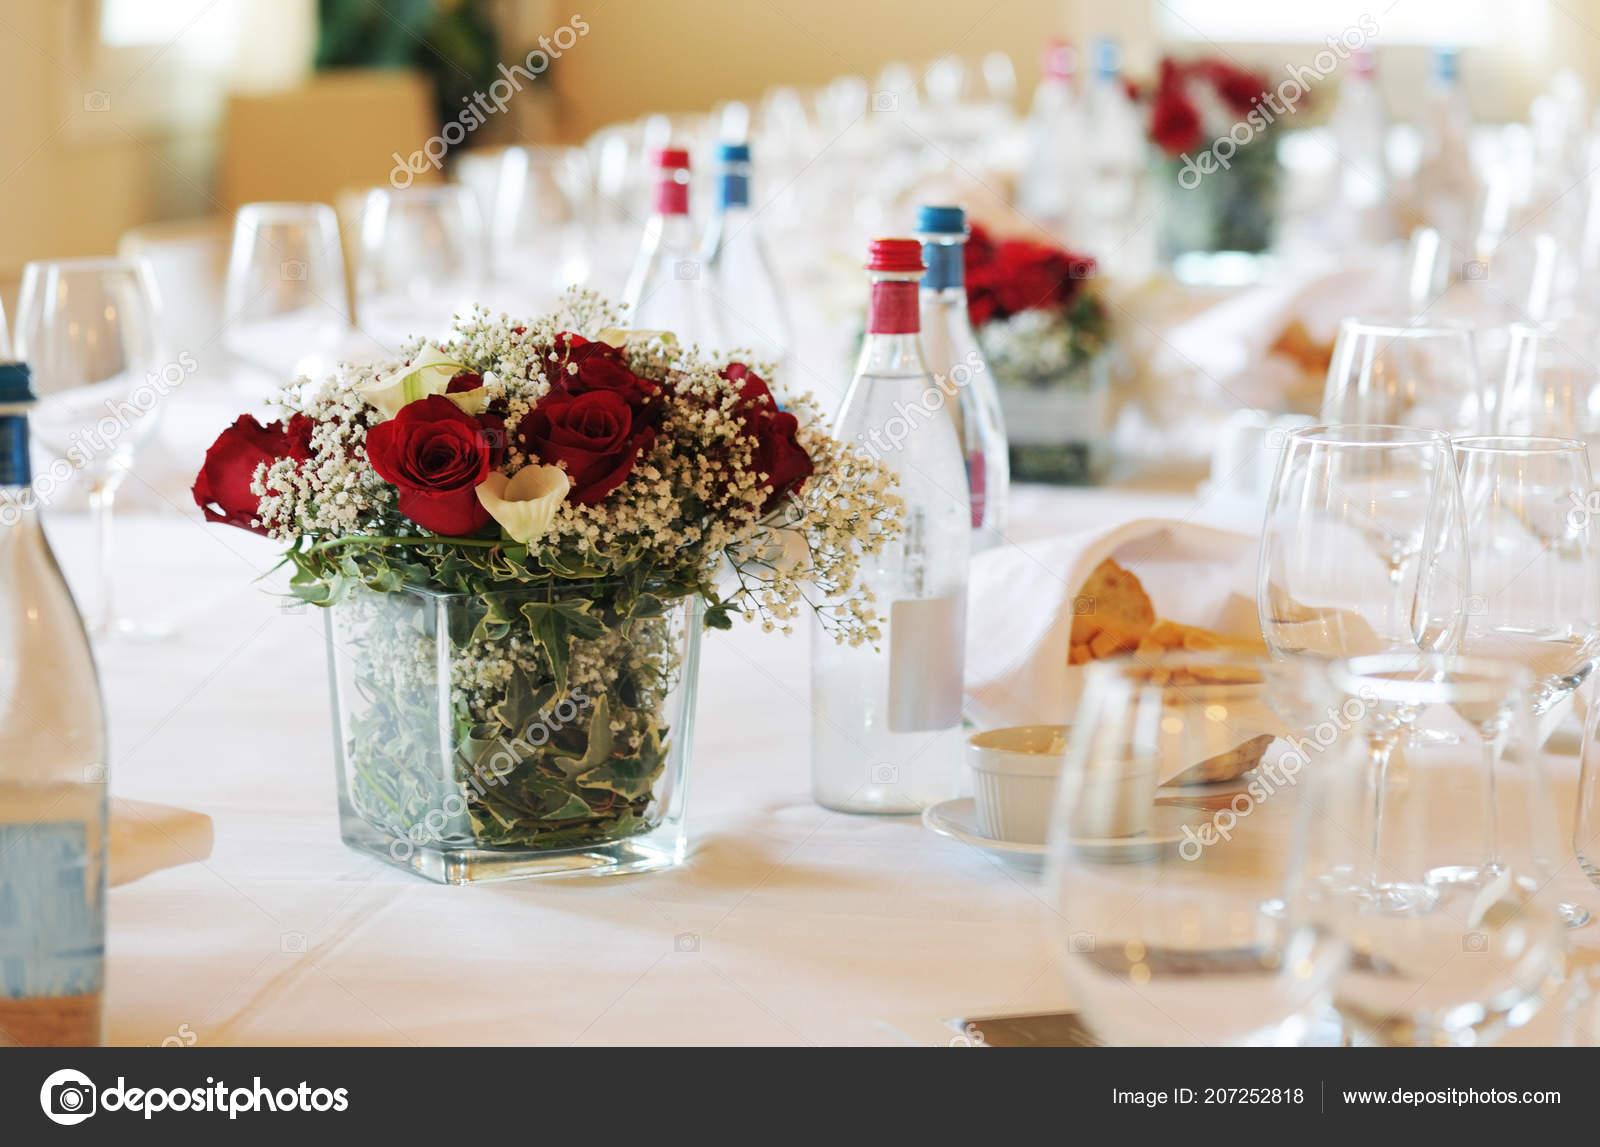 Hochzeit Tischdekoration Einem Restaurant Stockfoto C Annakhomulo